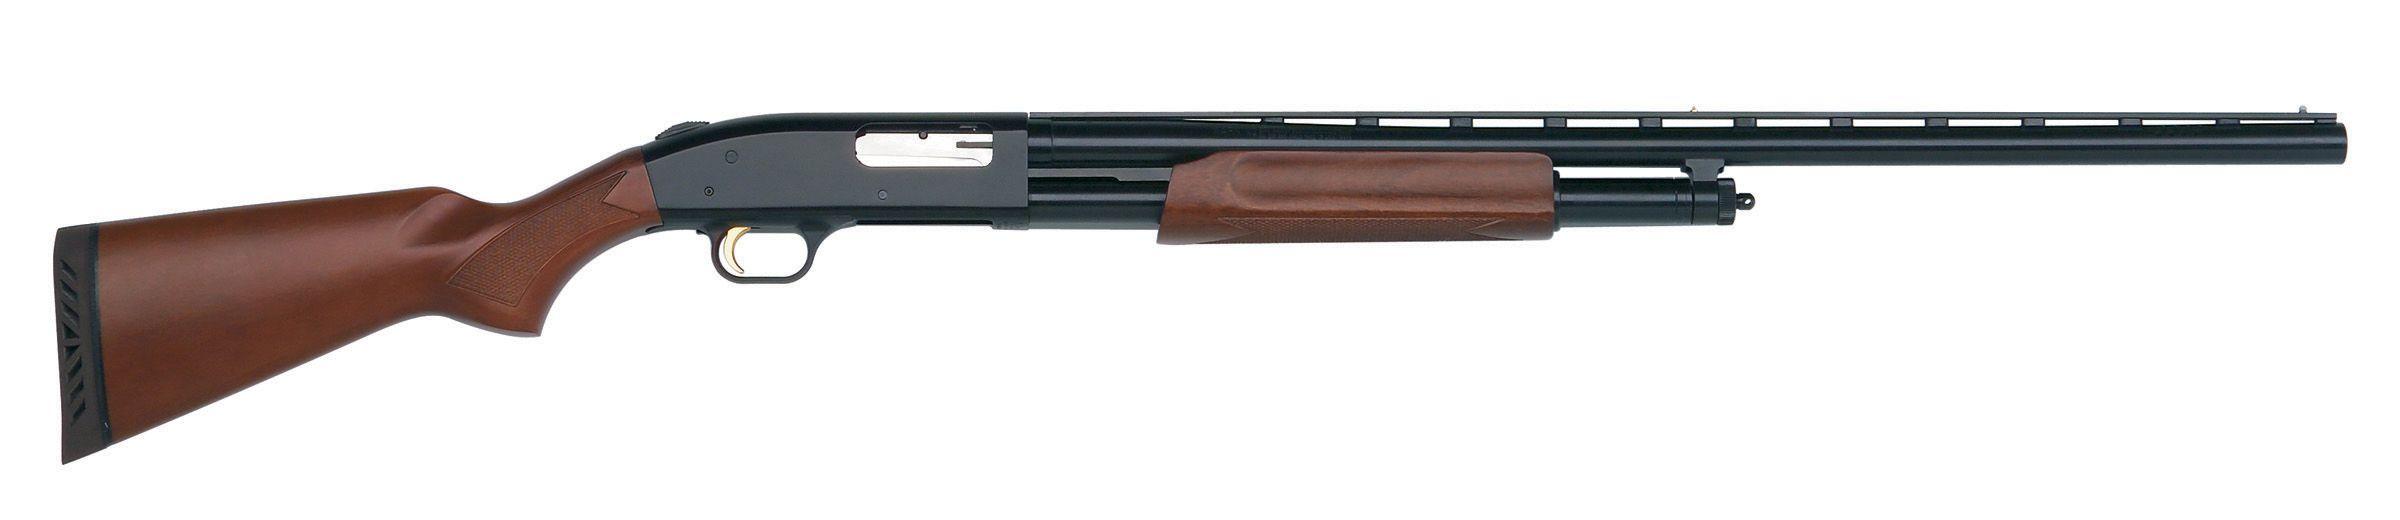 10 Cheap Shotguns, Turkey Guns | Field & Stream